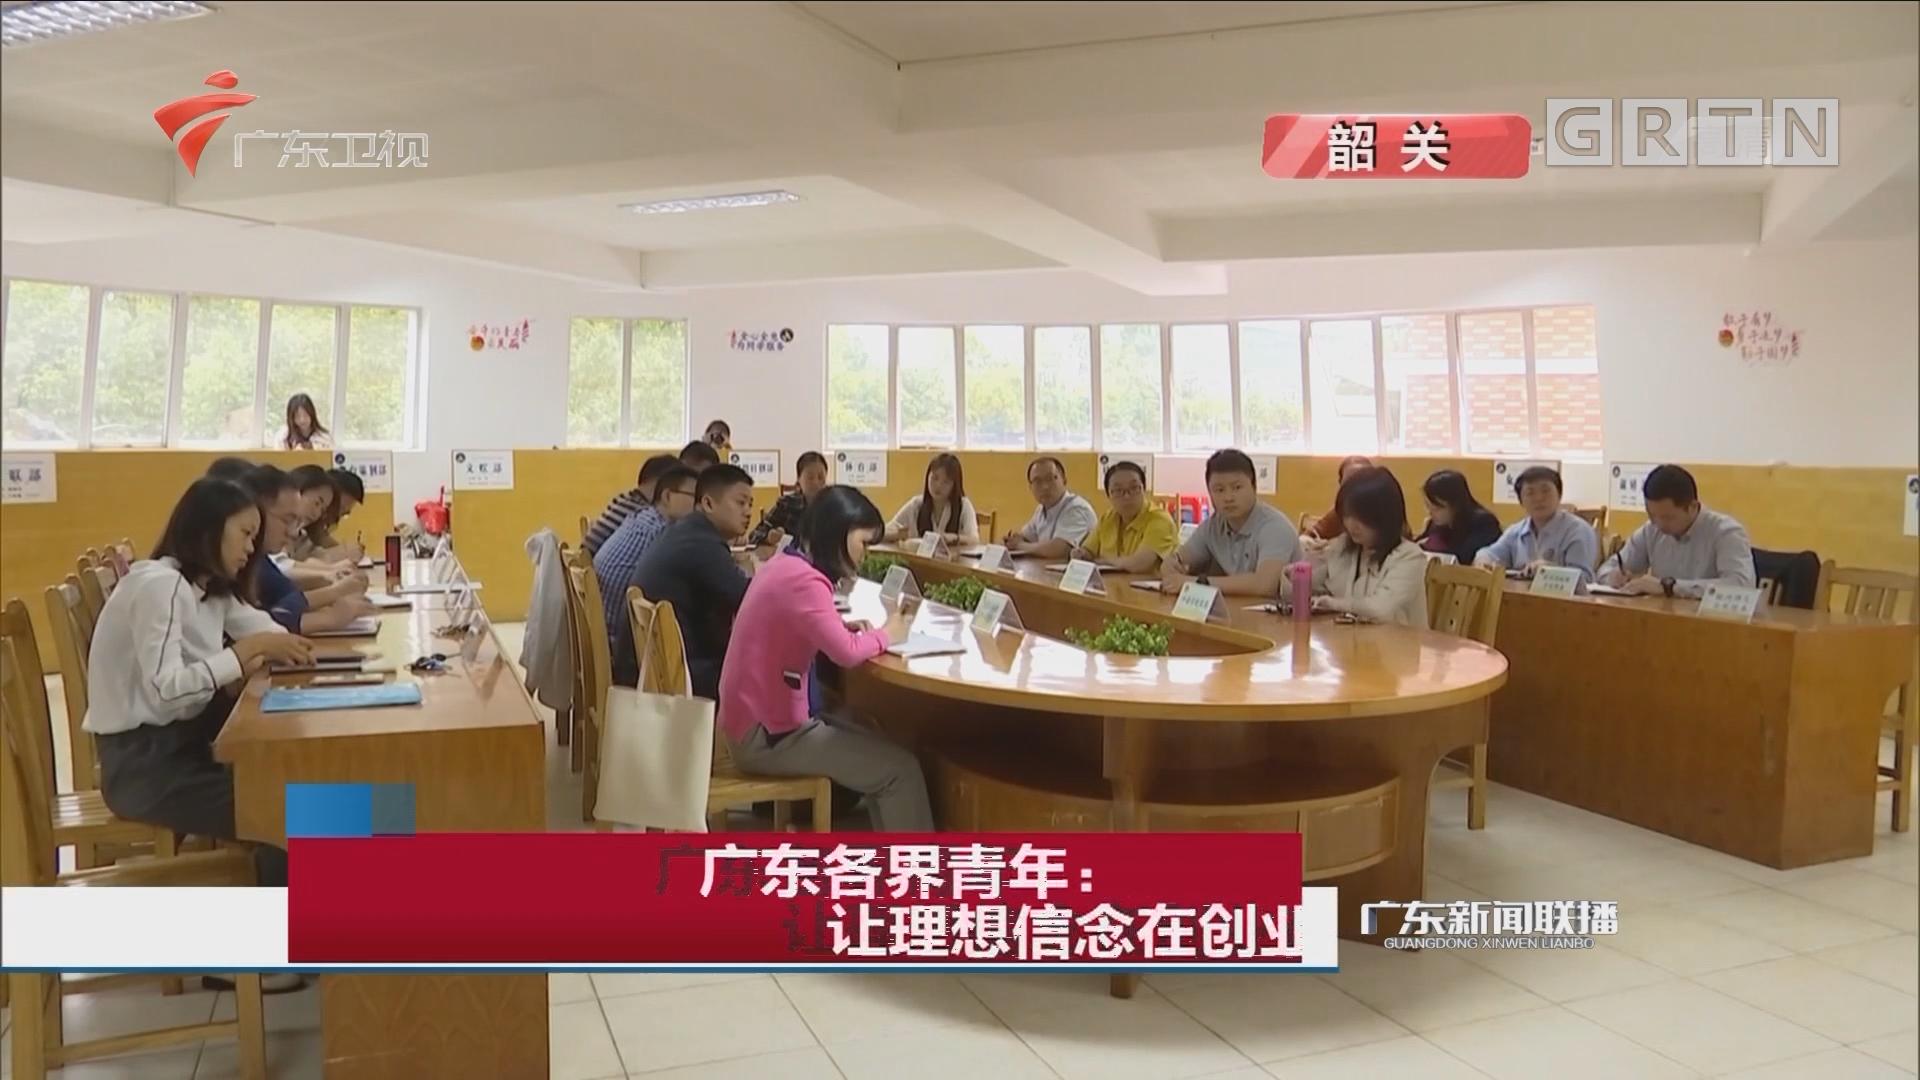 广东各界青年:让理想信念在创业奋斗中升华